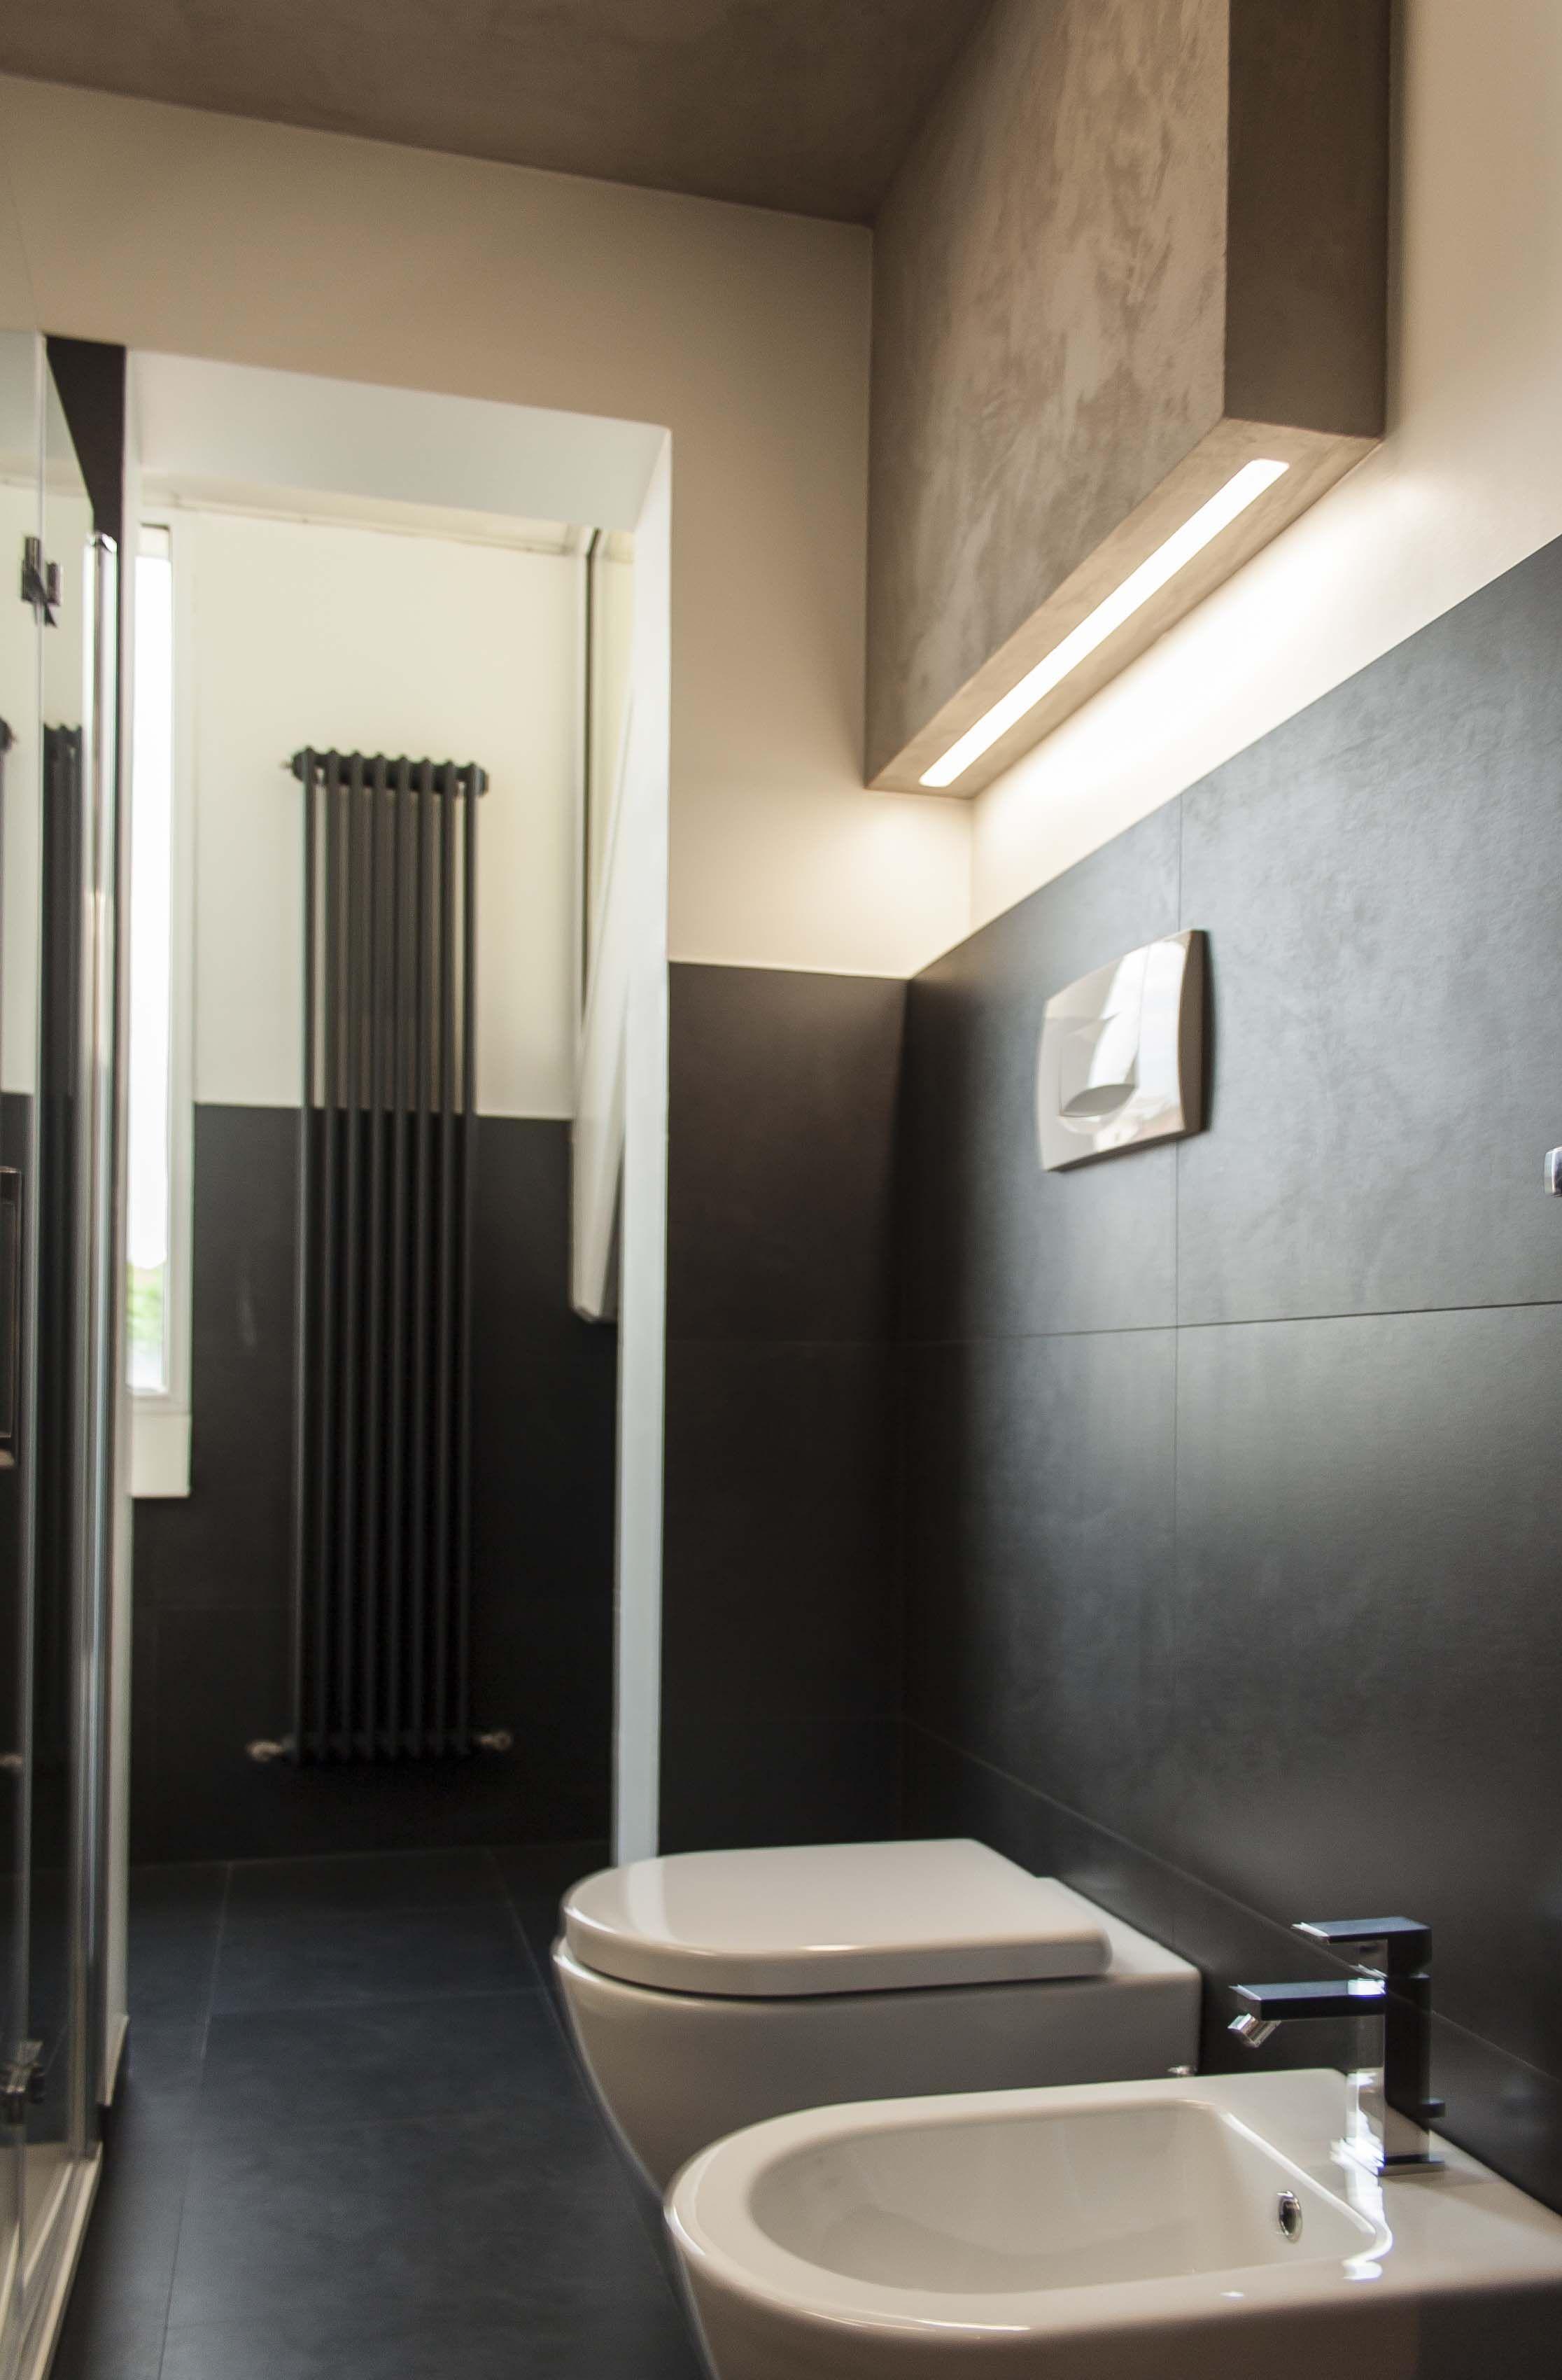 Illuminazione bagno idee bagno pinterest studio and interiors - Illuminazione bagno ...